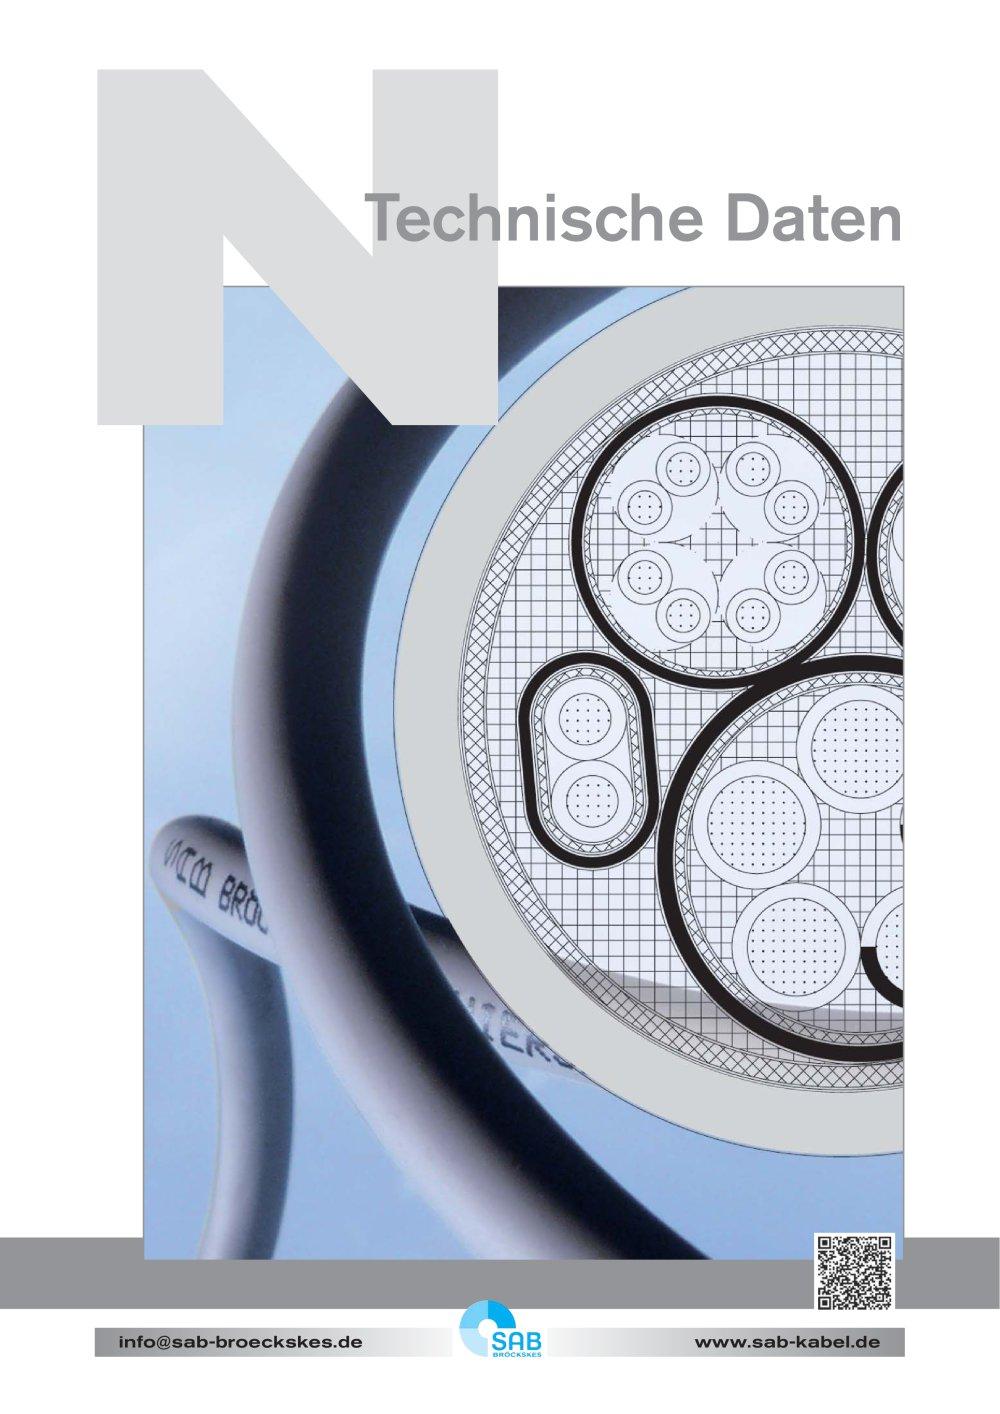 Elektrische Kabel - Technische Daten - SAB BROECKSKES GMBH & Co ...